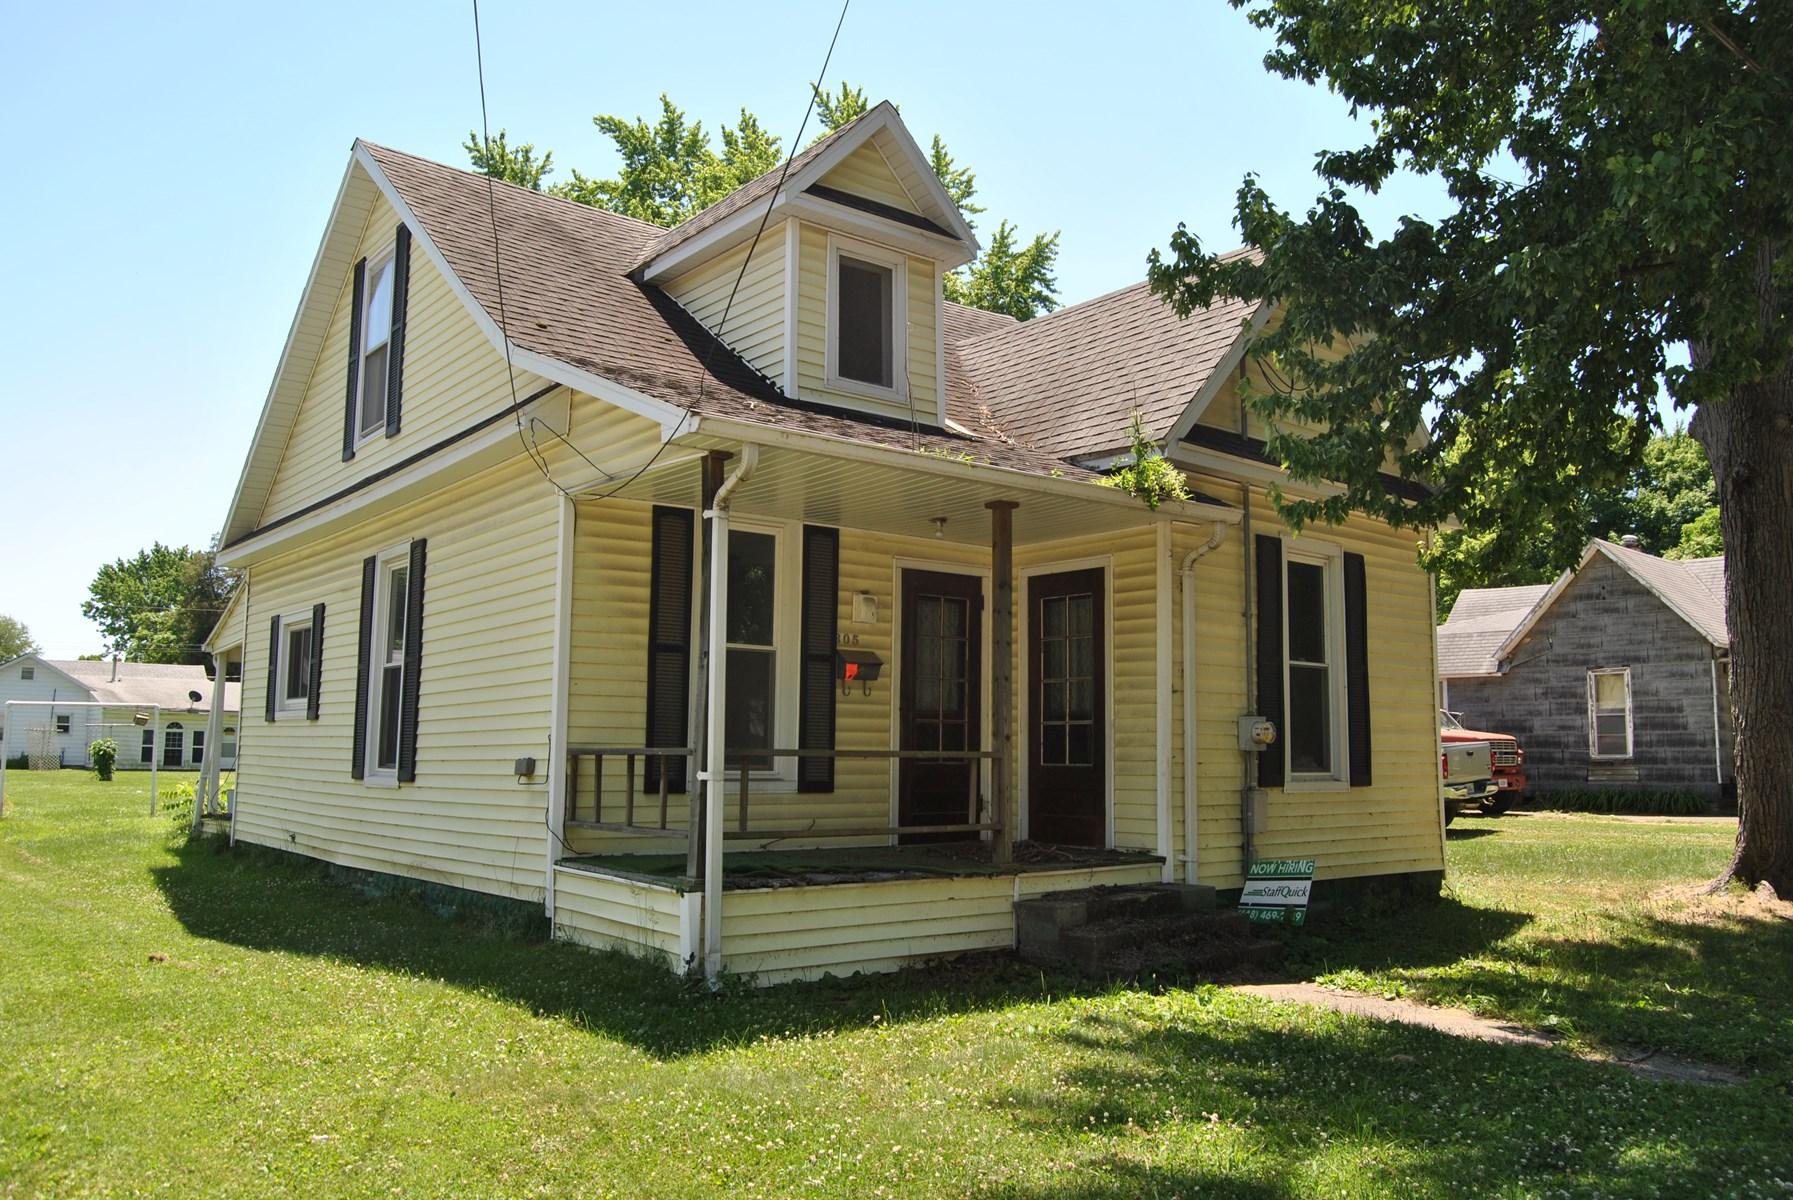 3 Bedroom, 1 Bath Fixer Upper, Robinson, IL